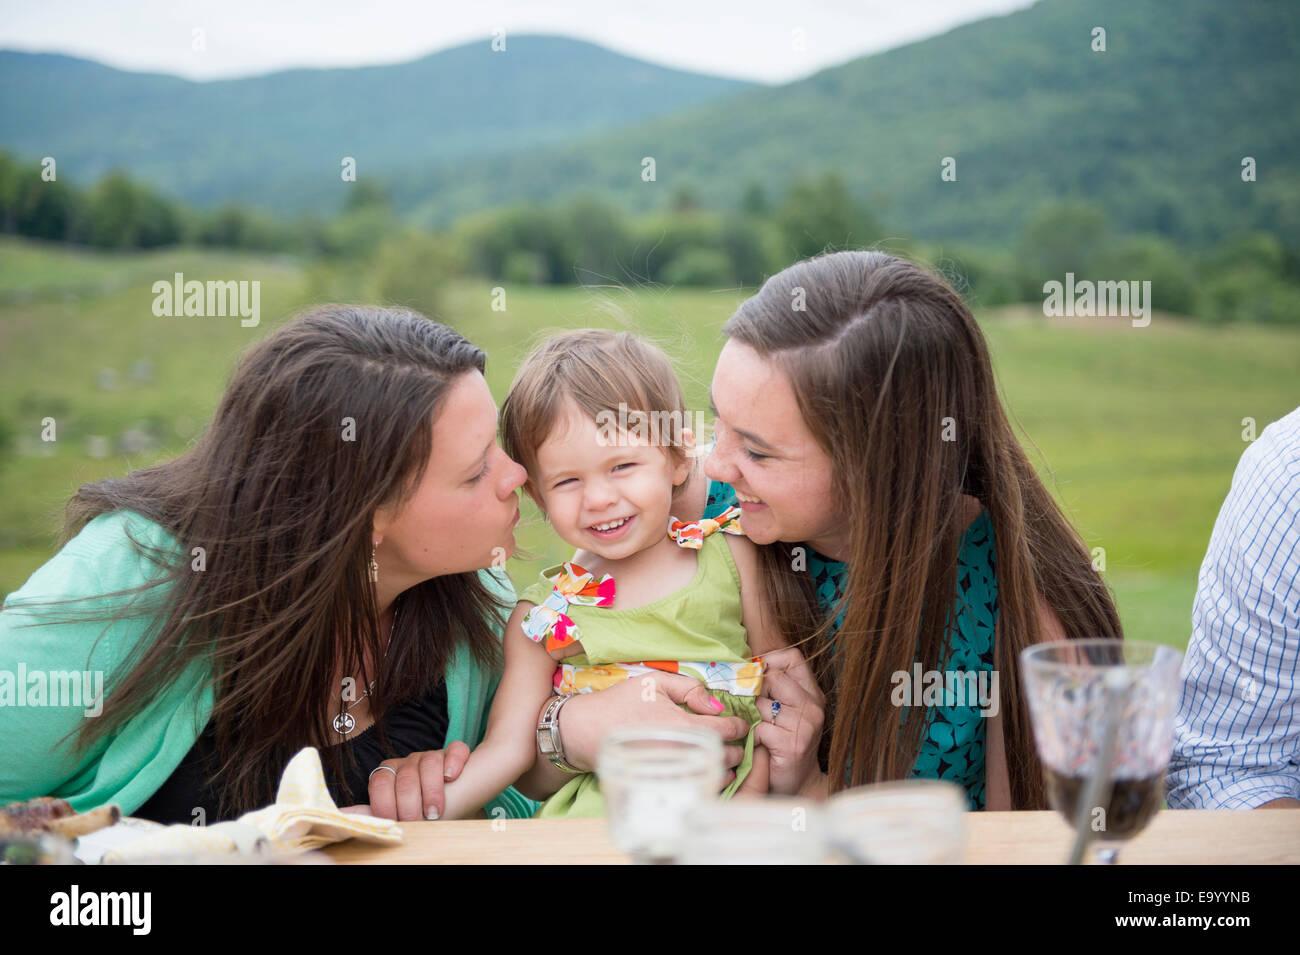 Baby ragazza seduta tra due giovani donne Immagini Stock